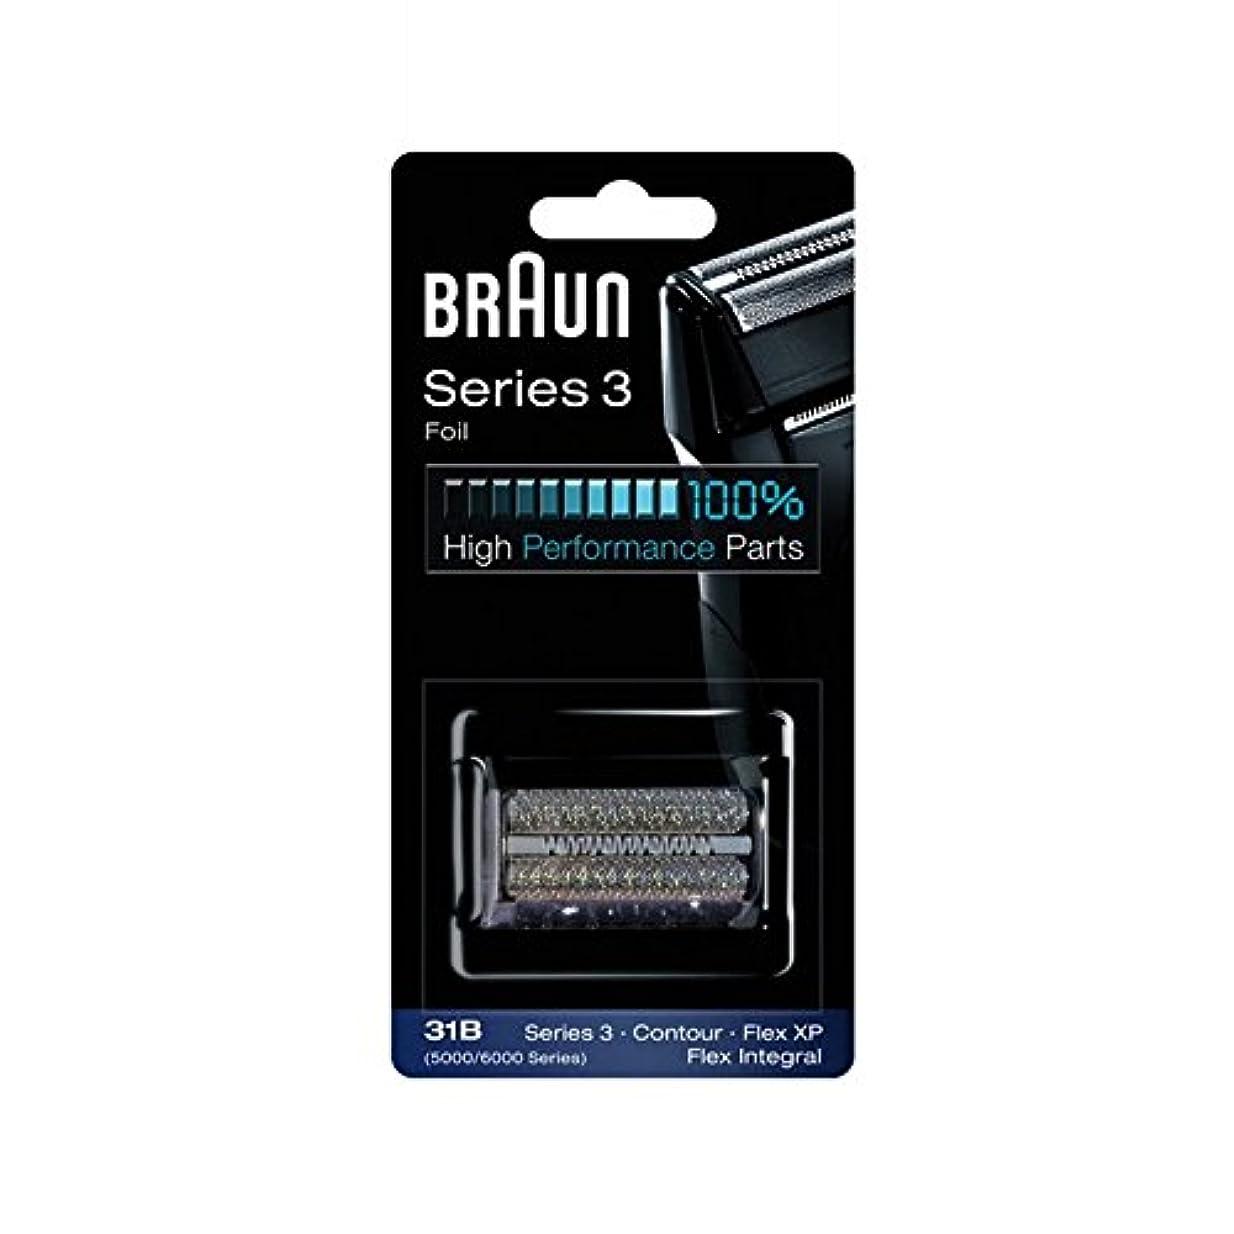 時期尚早池グリーンバック[Only Foil] Braun 31B それが唯一のシェーバー箔を含む箔(含まれないものカッター) [並行輸入品]